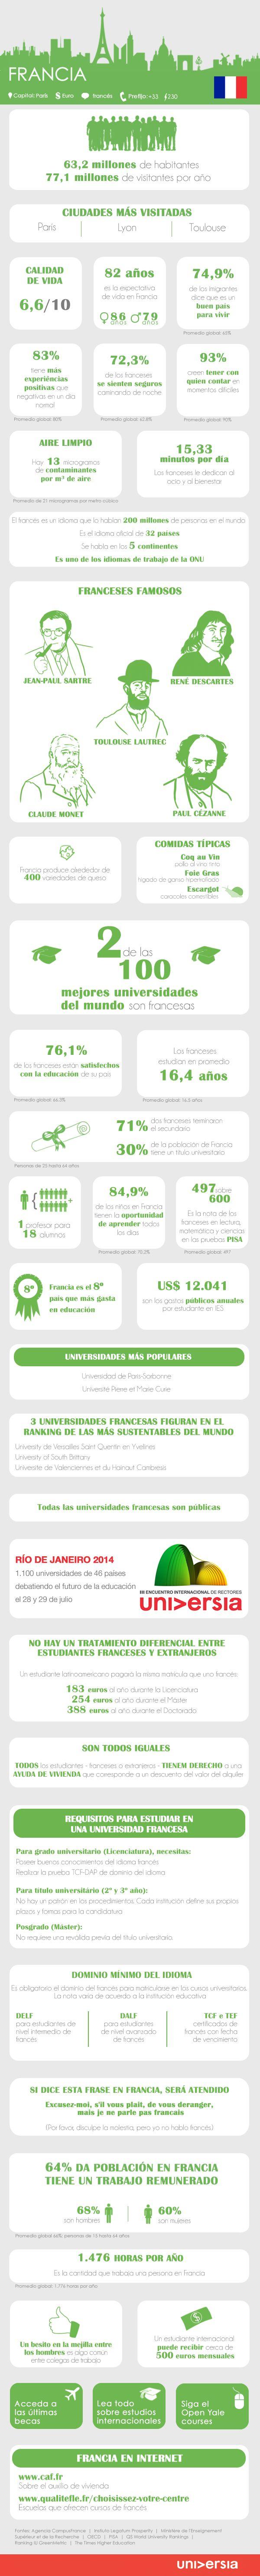 30 claves para estudiar y trabajar en Francia #infografia